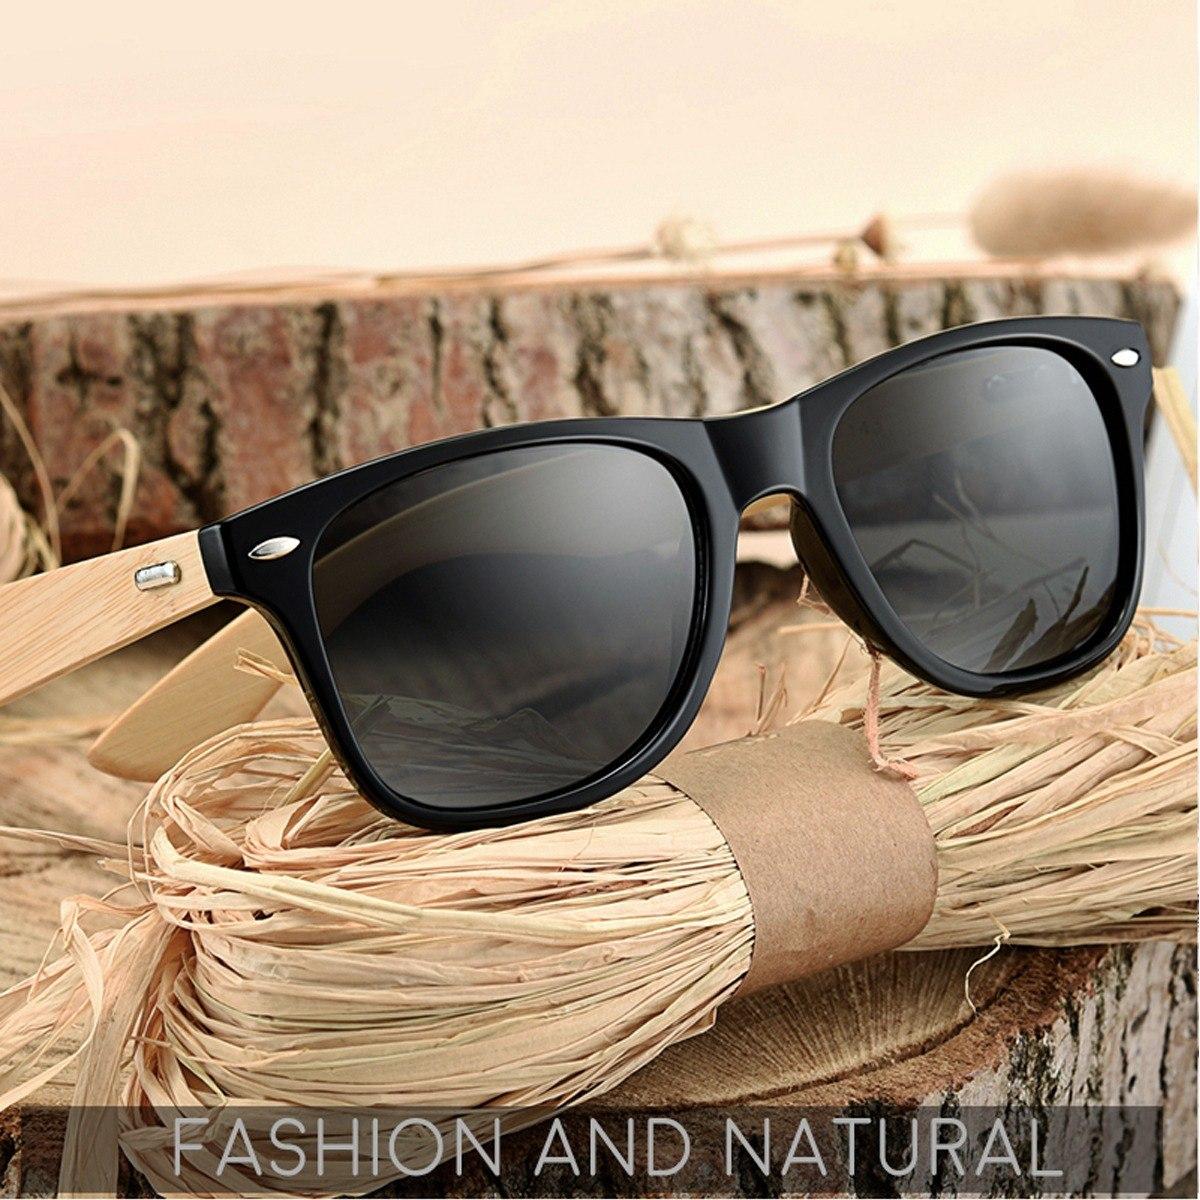 dac72bd8c090b óculos sol feminino masculino clássico hd preto grande moda. Carregando zoom .